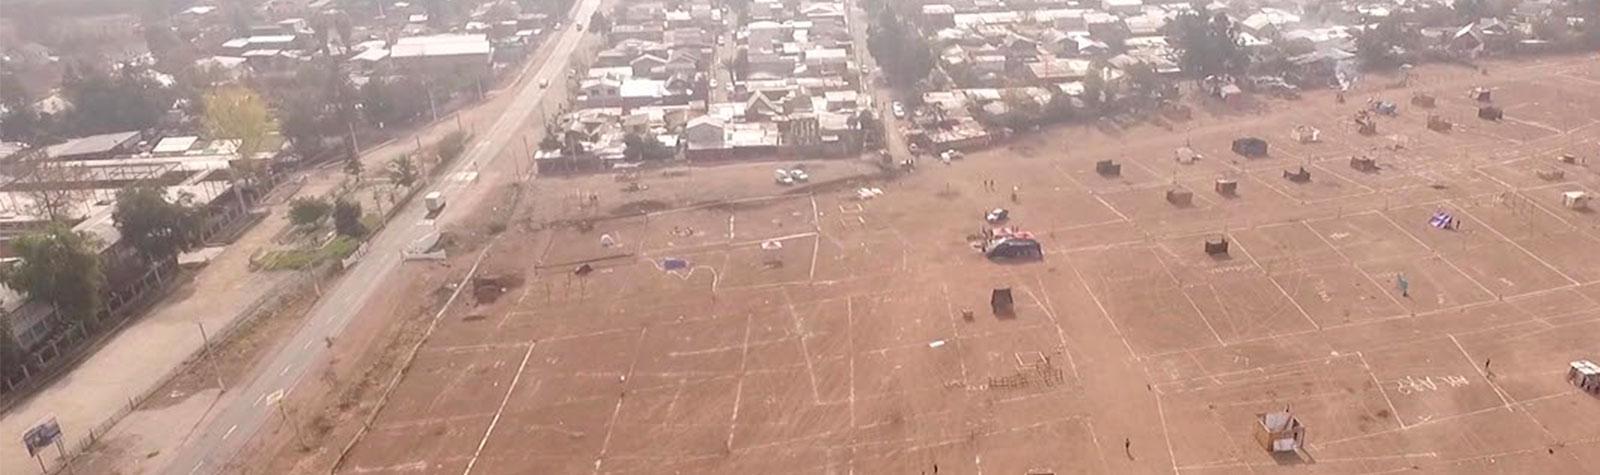 Campamentos en Colina: Tomas ilegales de terreno en plena Cuarentena